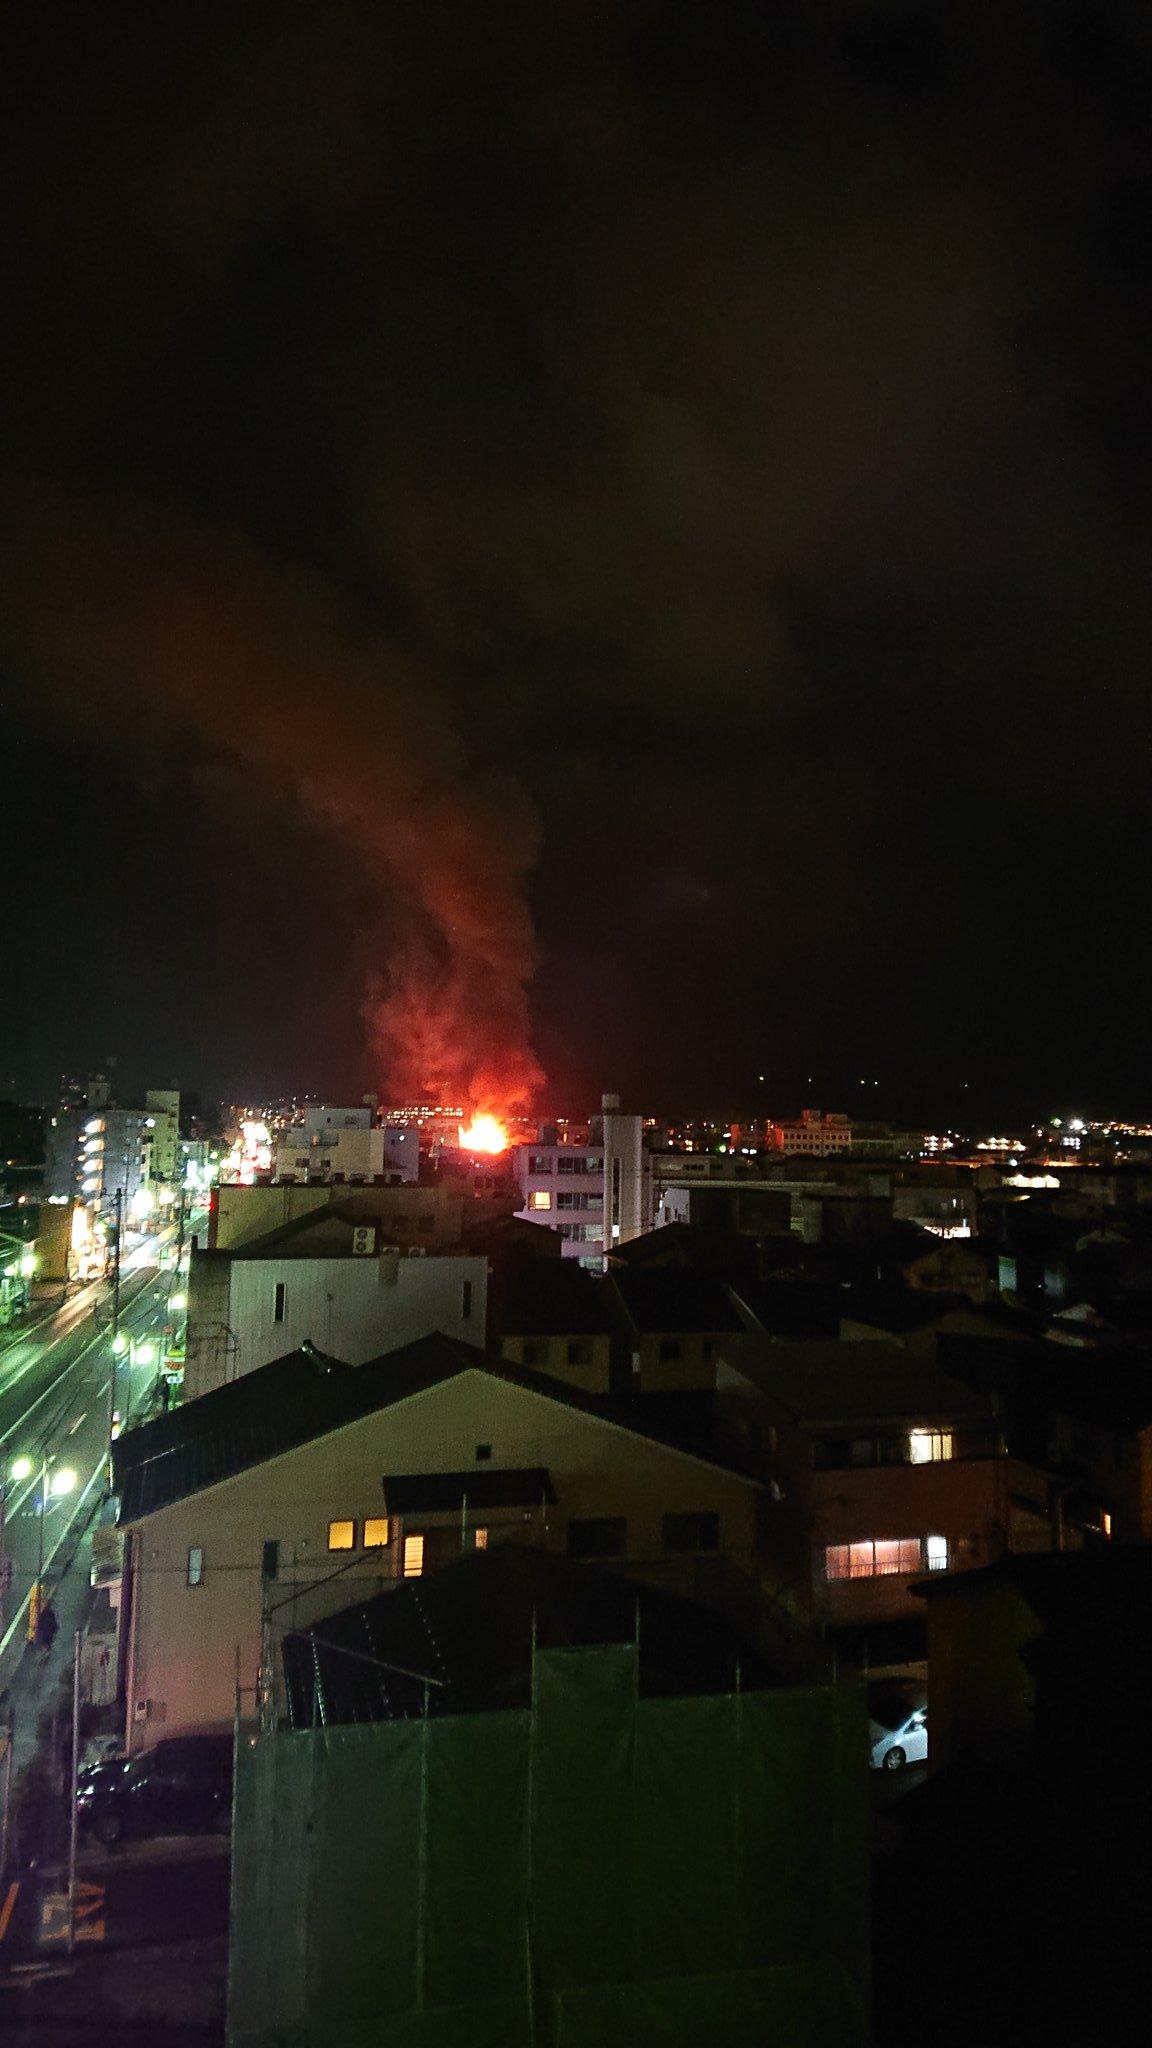 金沢市十一屋町で火事が起きている現場の画像